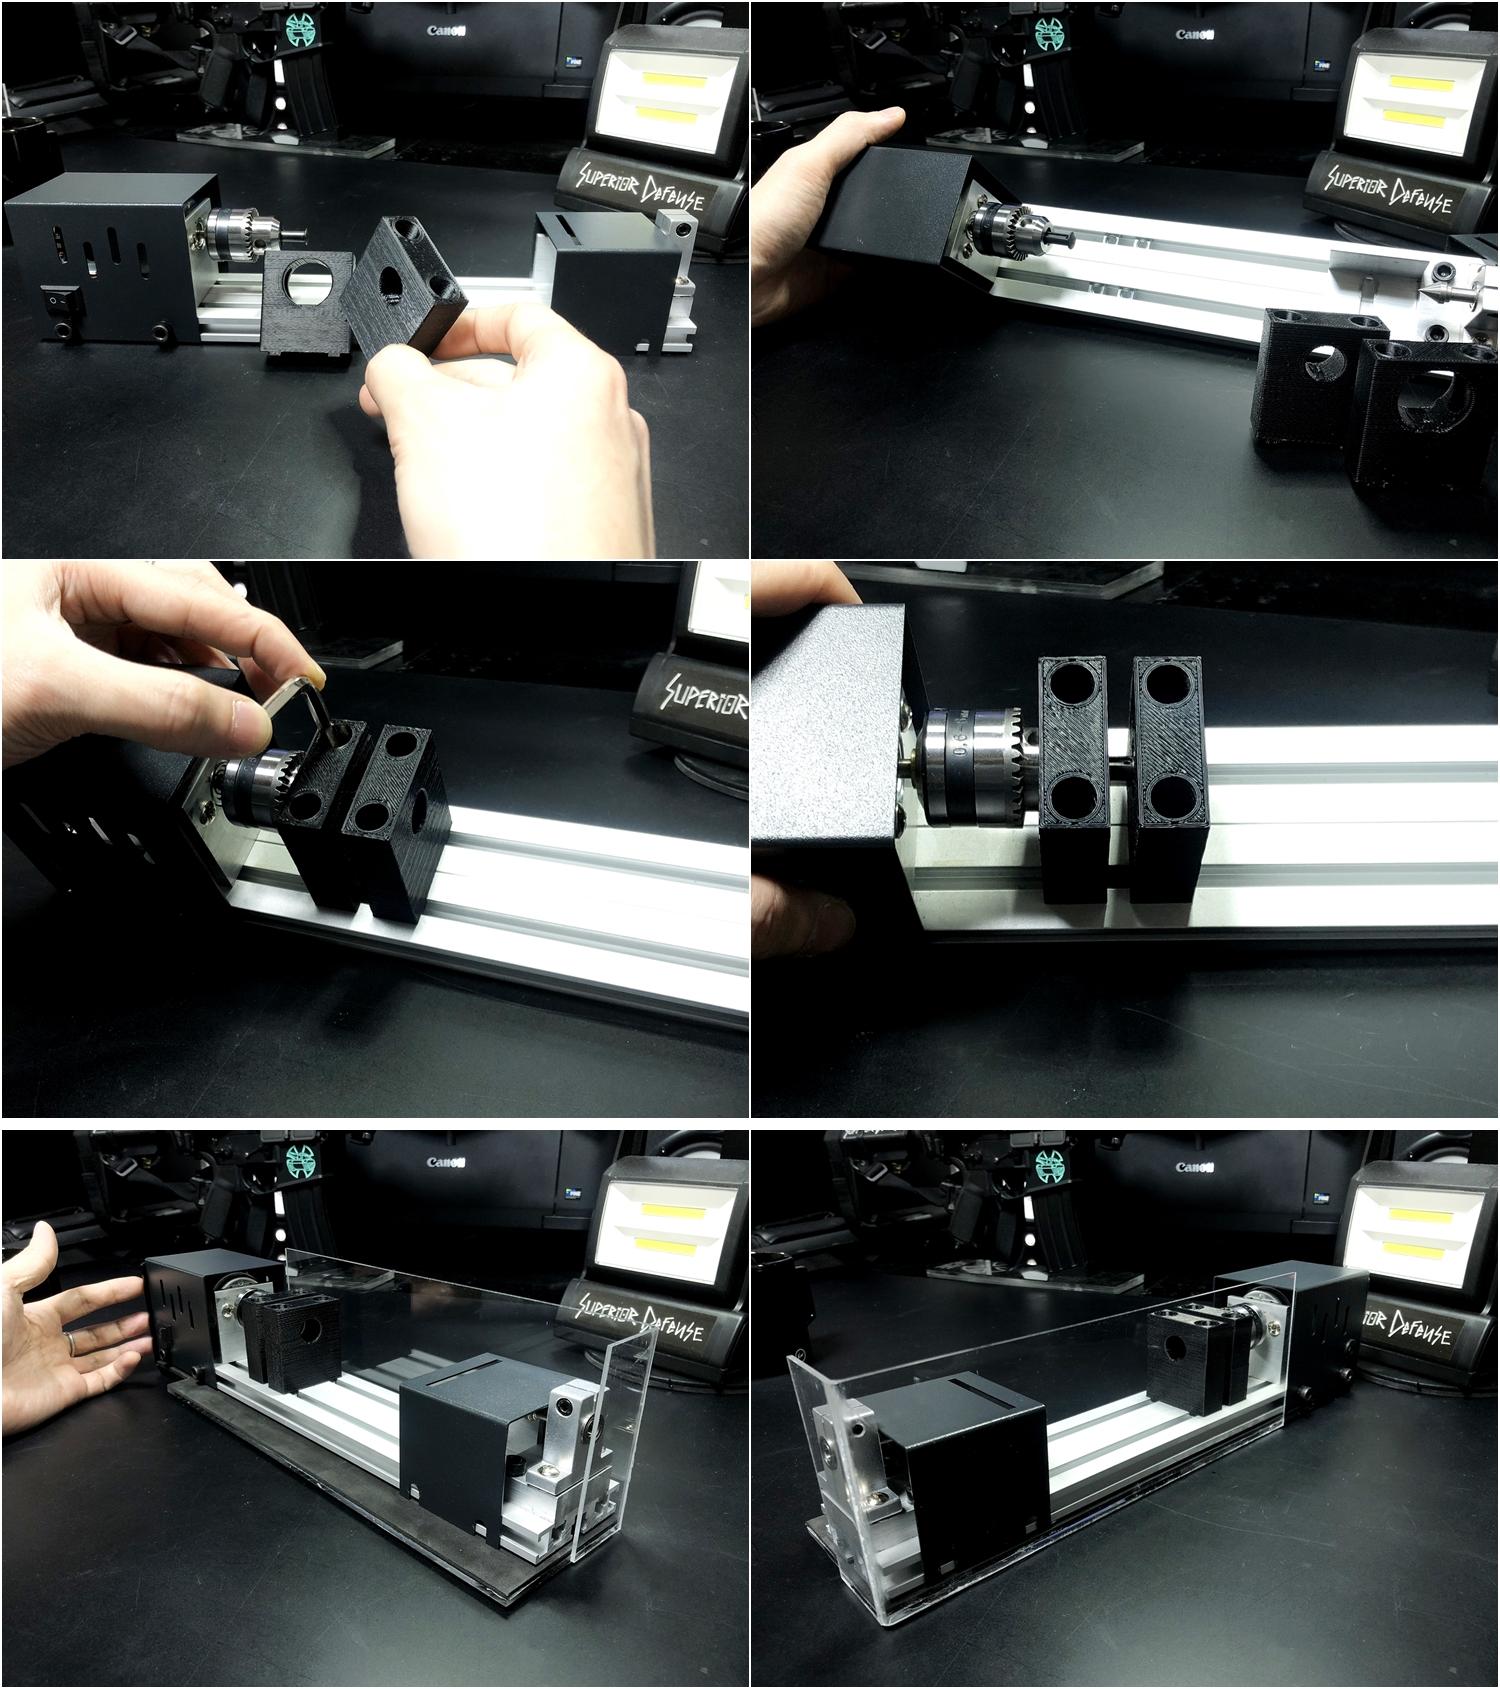 9 実物 NOVESKE AR-15 TAKEDOWN & PIVOT STEEL PIN!! 実物ピンを次世代M4へ対応させるべく簡易的DIY加工だ!ノベスケ ノベスキー スチール テイクダウン ピポッドピン! DIY 加工 カスタム 簡易的 旋盤加工 取付 レビ